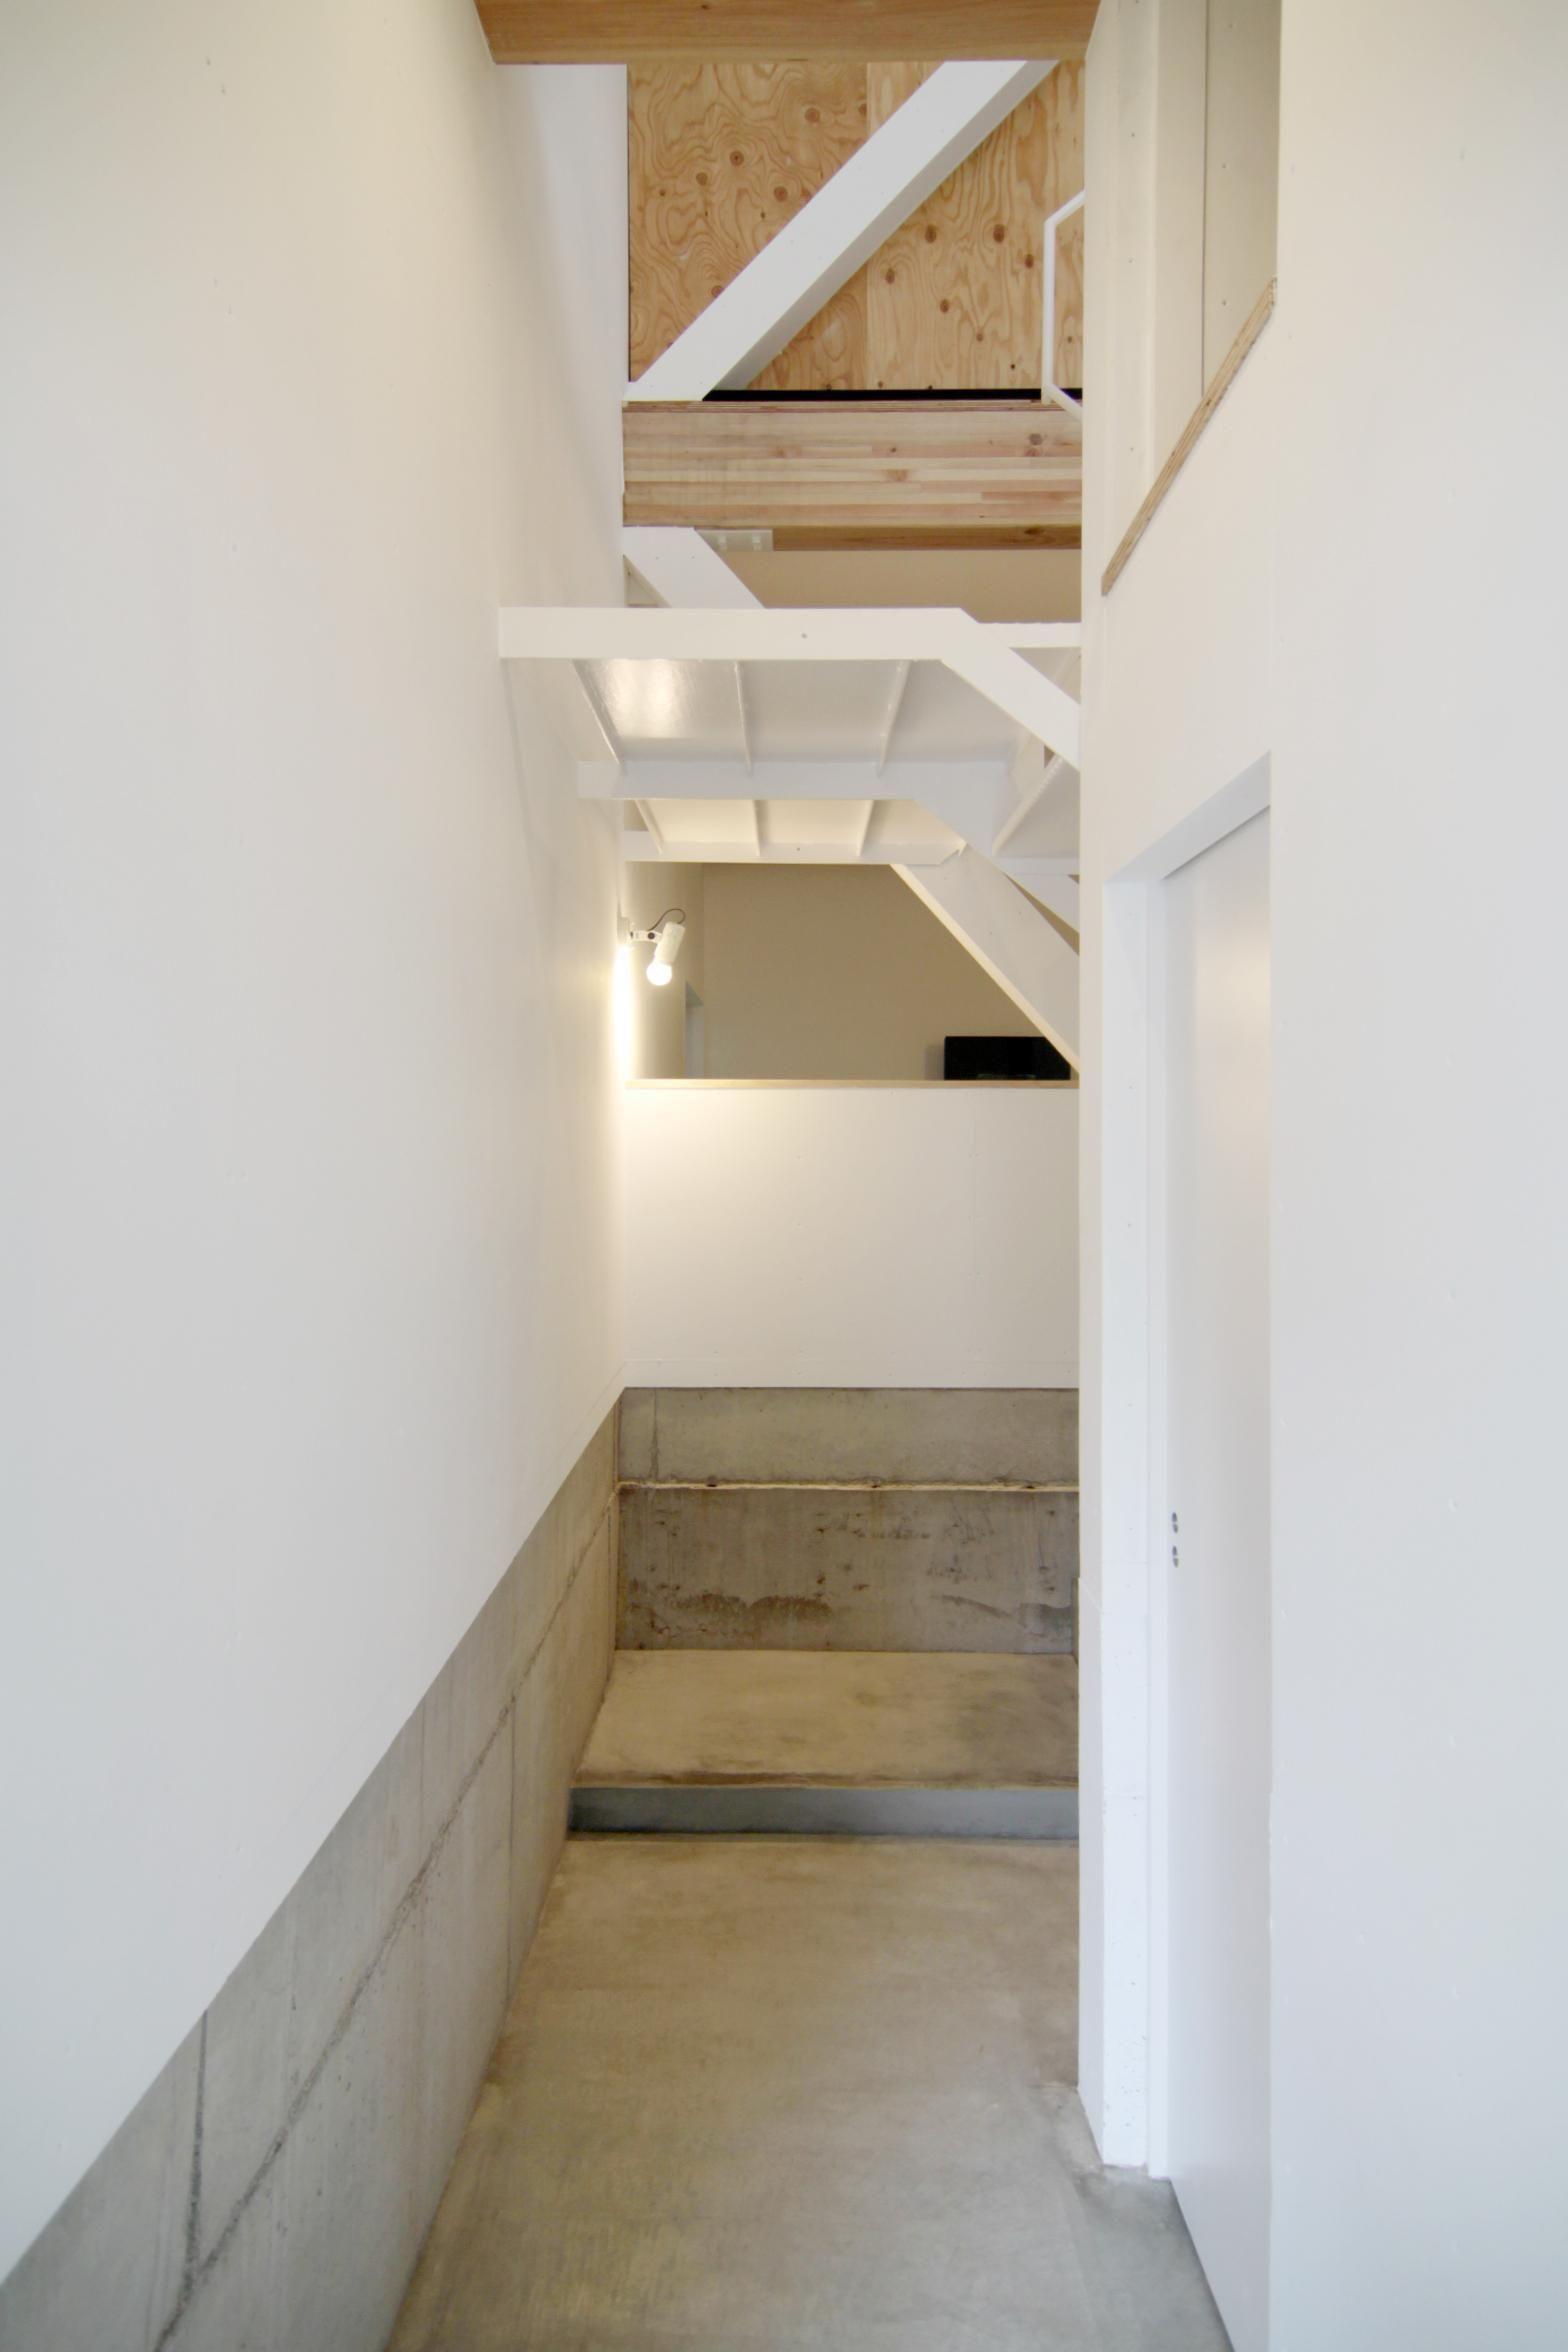 1階玄関1 10mの家 玄関事例 Suvaco スバコ 家 スバコ 玄関